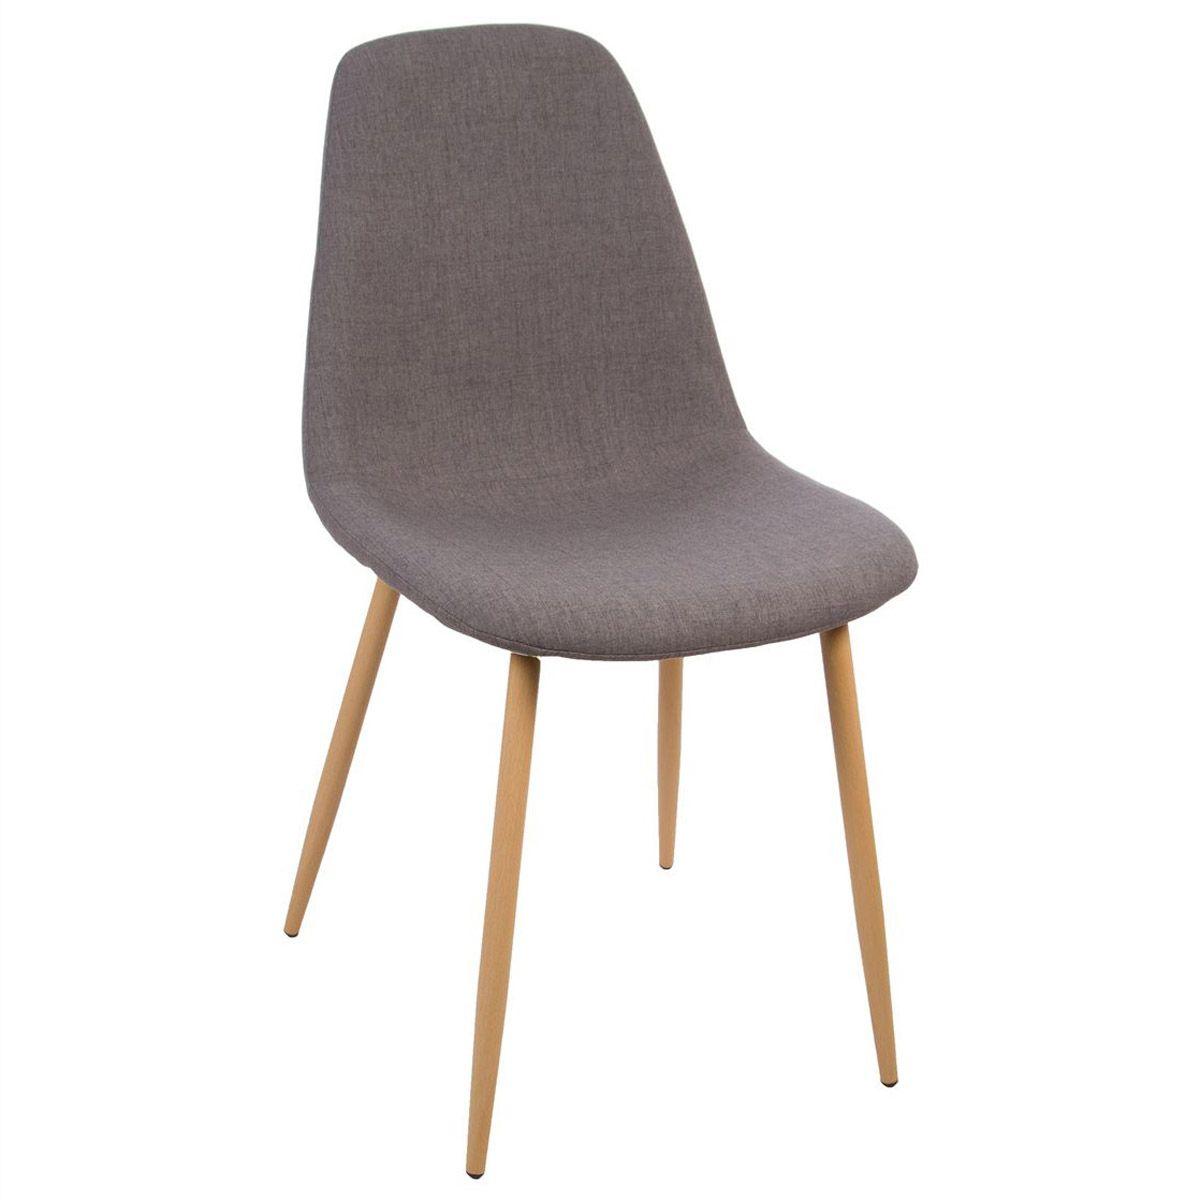 Chaise gris foncé scandinave Roka